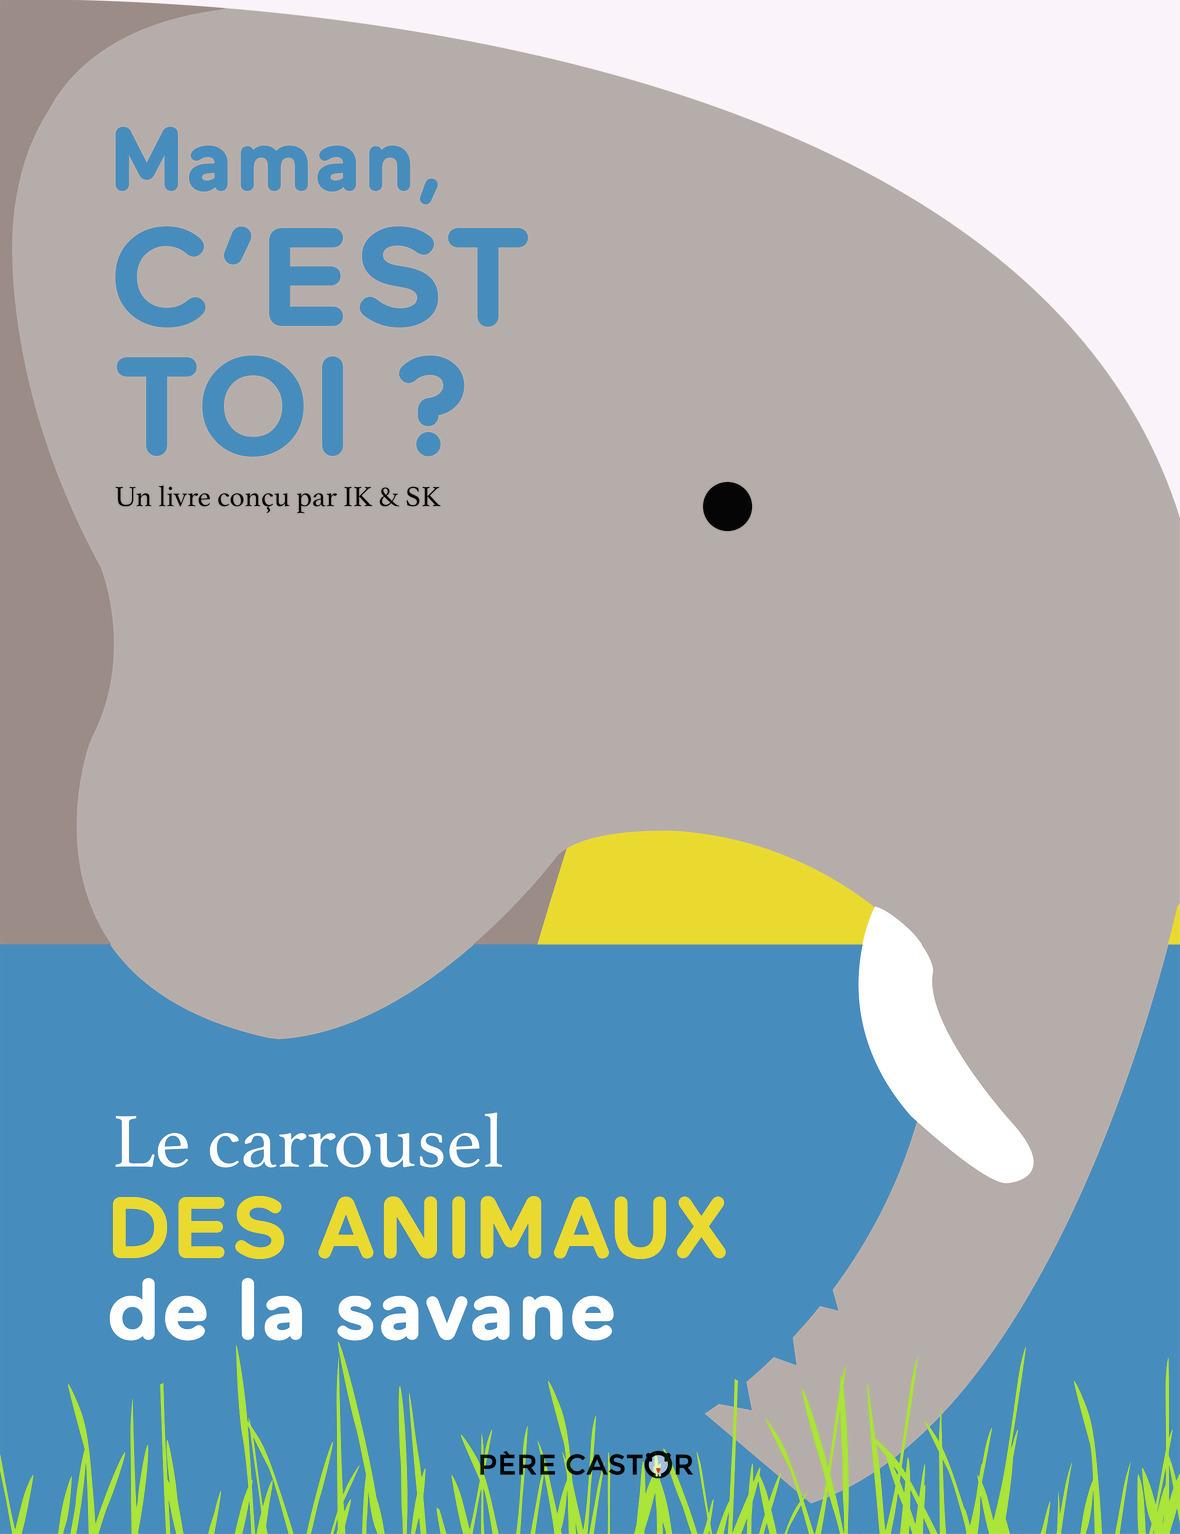 MAMAN, C'EST TOI ? - LE CARROUSEL DES ANIMAUX DE LA SAVANE